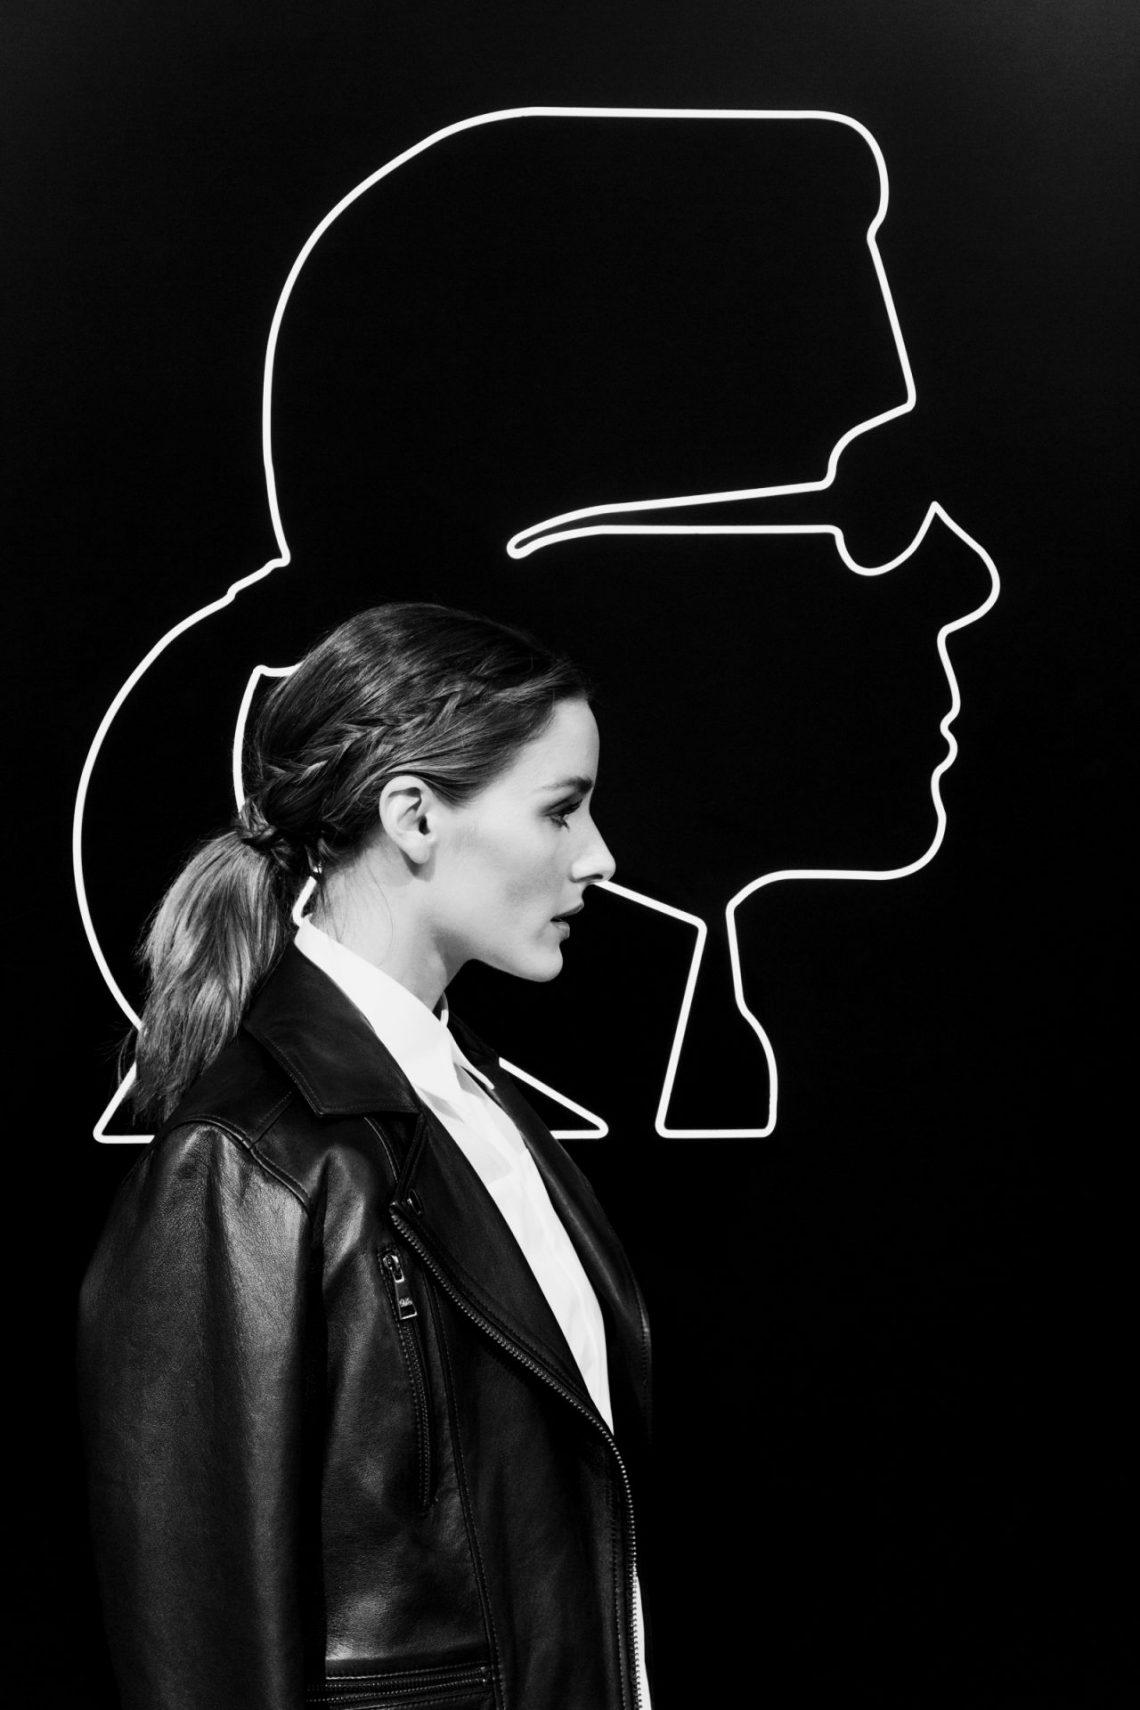 Olivia Palermo se une a Karl Lagerfeld para crear una colección de cinco diseños ¡pura fantasía!